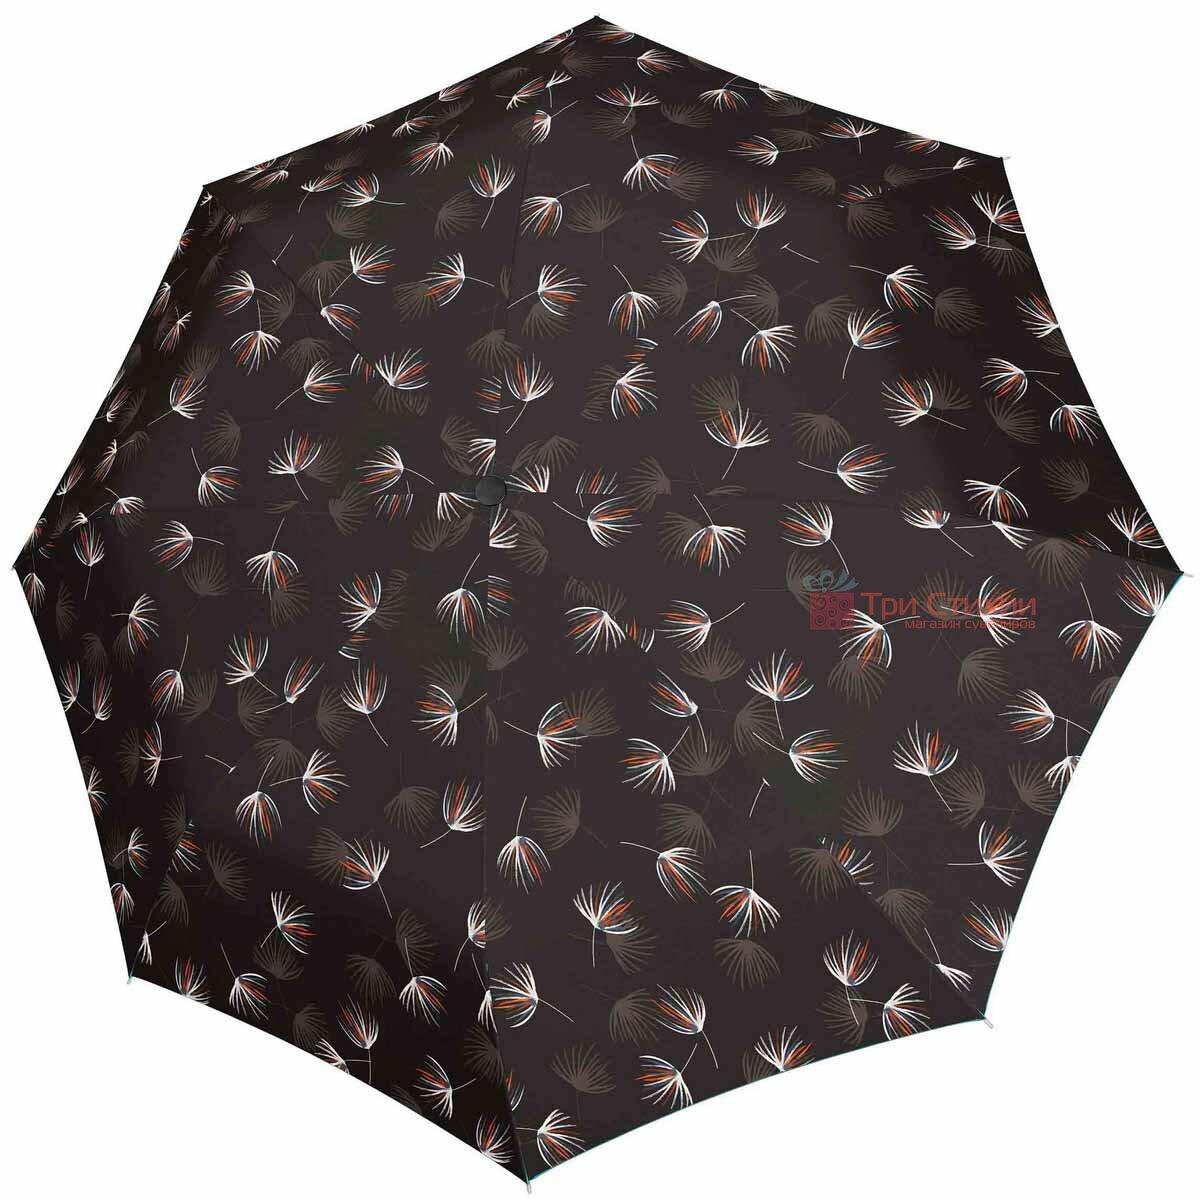 Зонт складной Doppler 7441465DE03 полный автомат Коричневый, фото